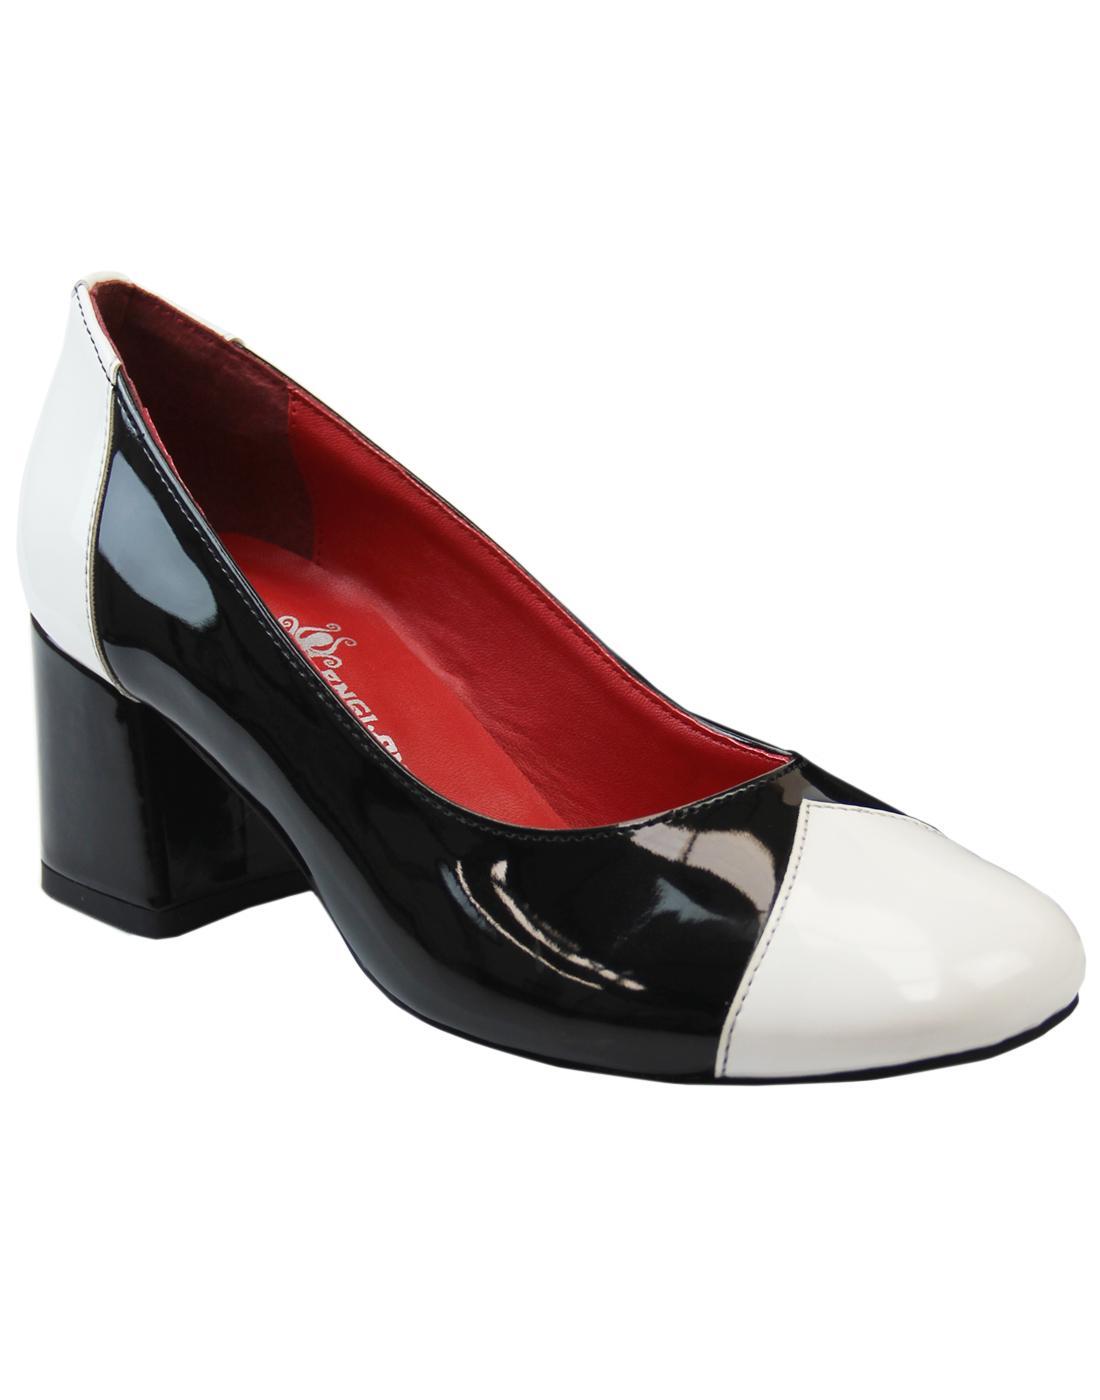 Madcap England Womens Retro 60s Mod Shoes Black